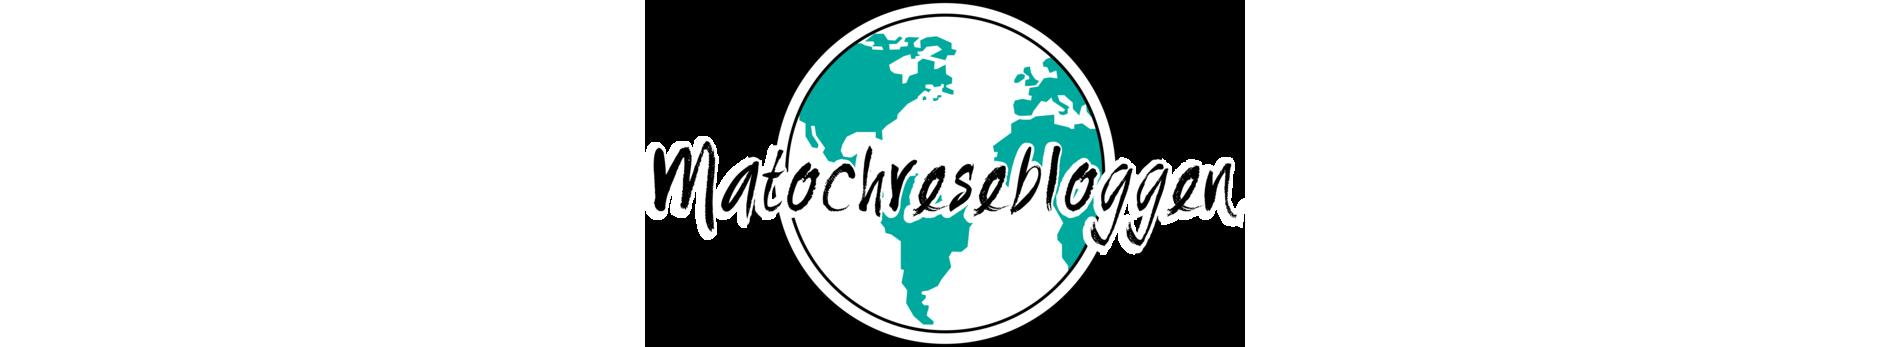 Matochresebloggen